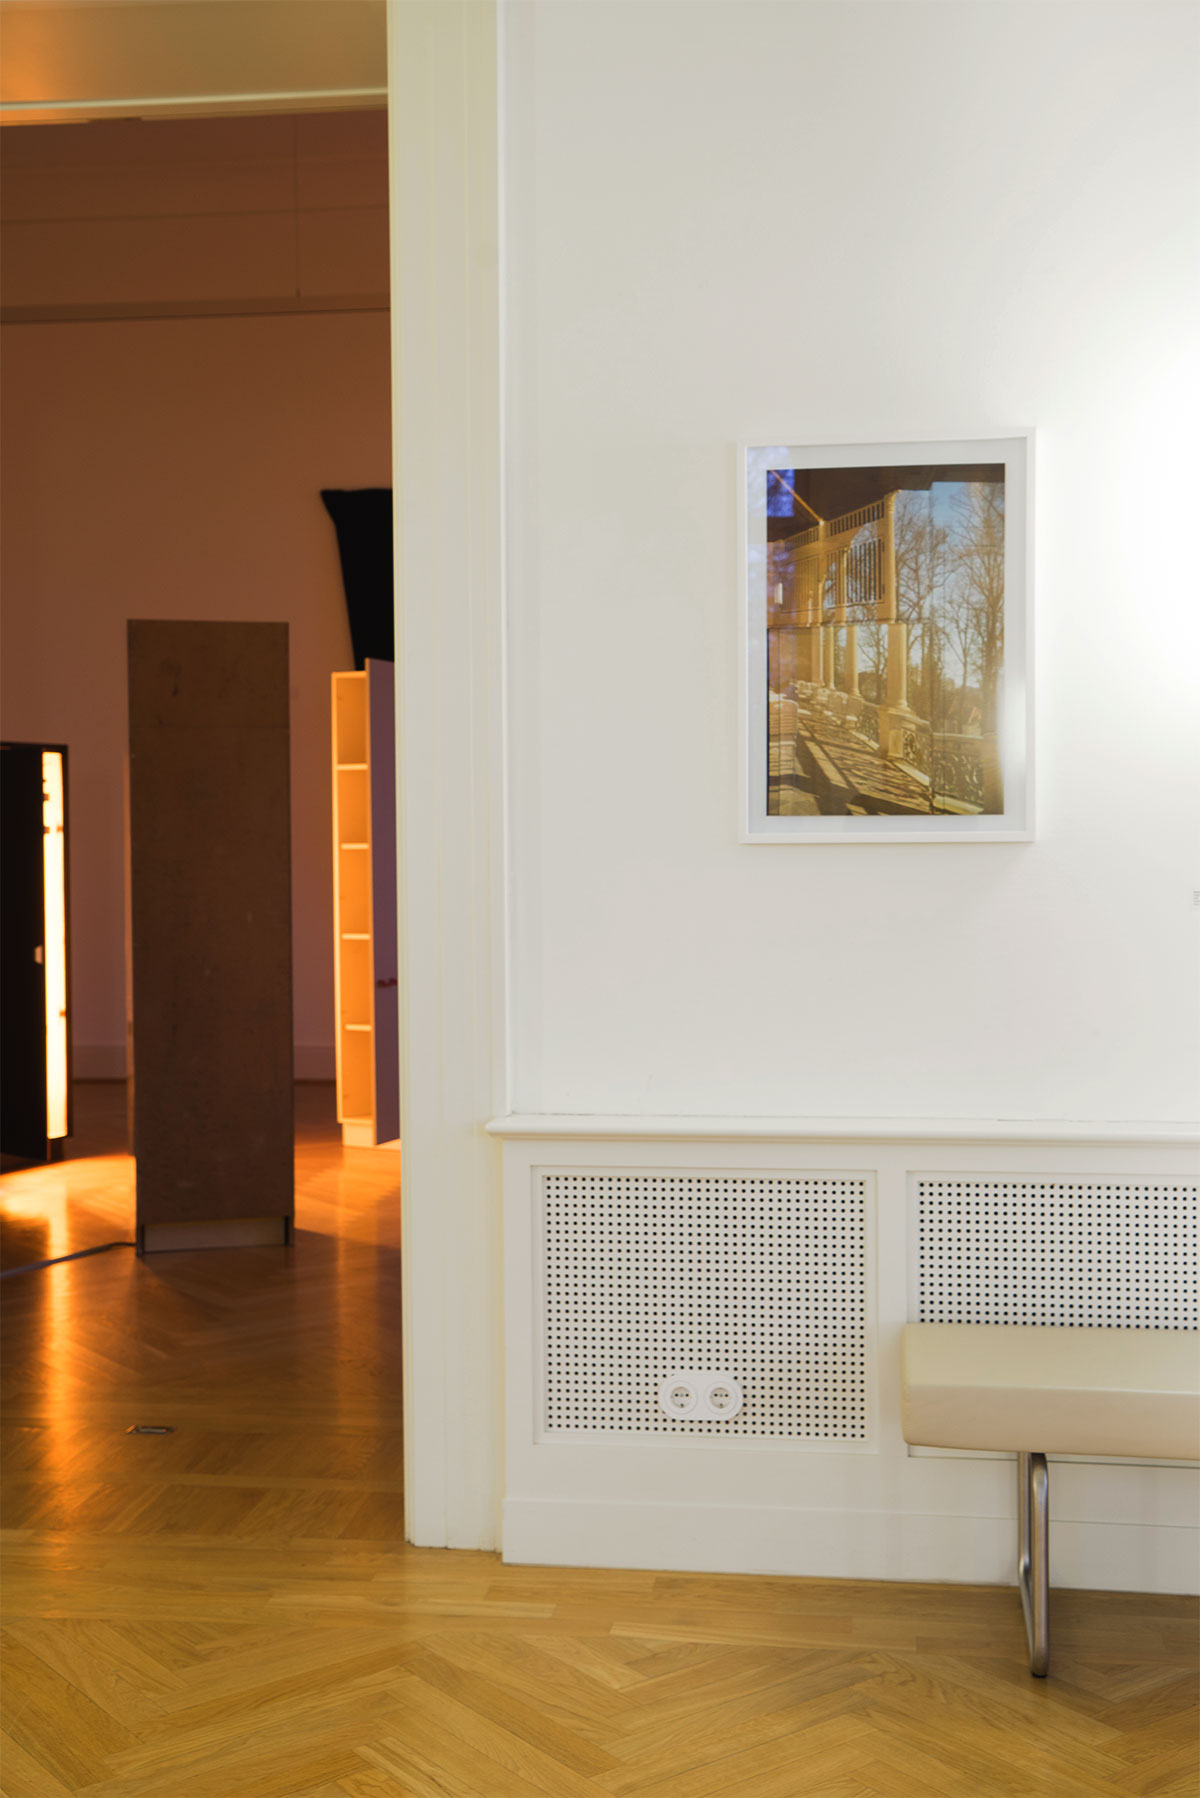 Bärbel Möllmann, Sehnsucht nach dem Jetzt. Ausstellung im Schloss Biesdorf. Raum 0.02